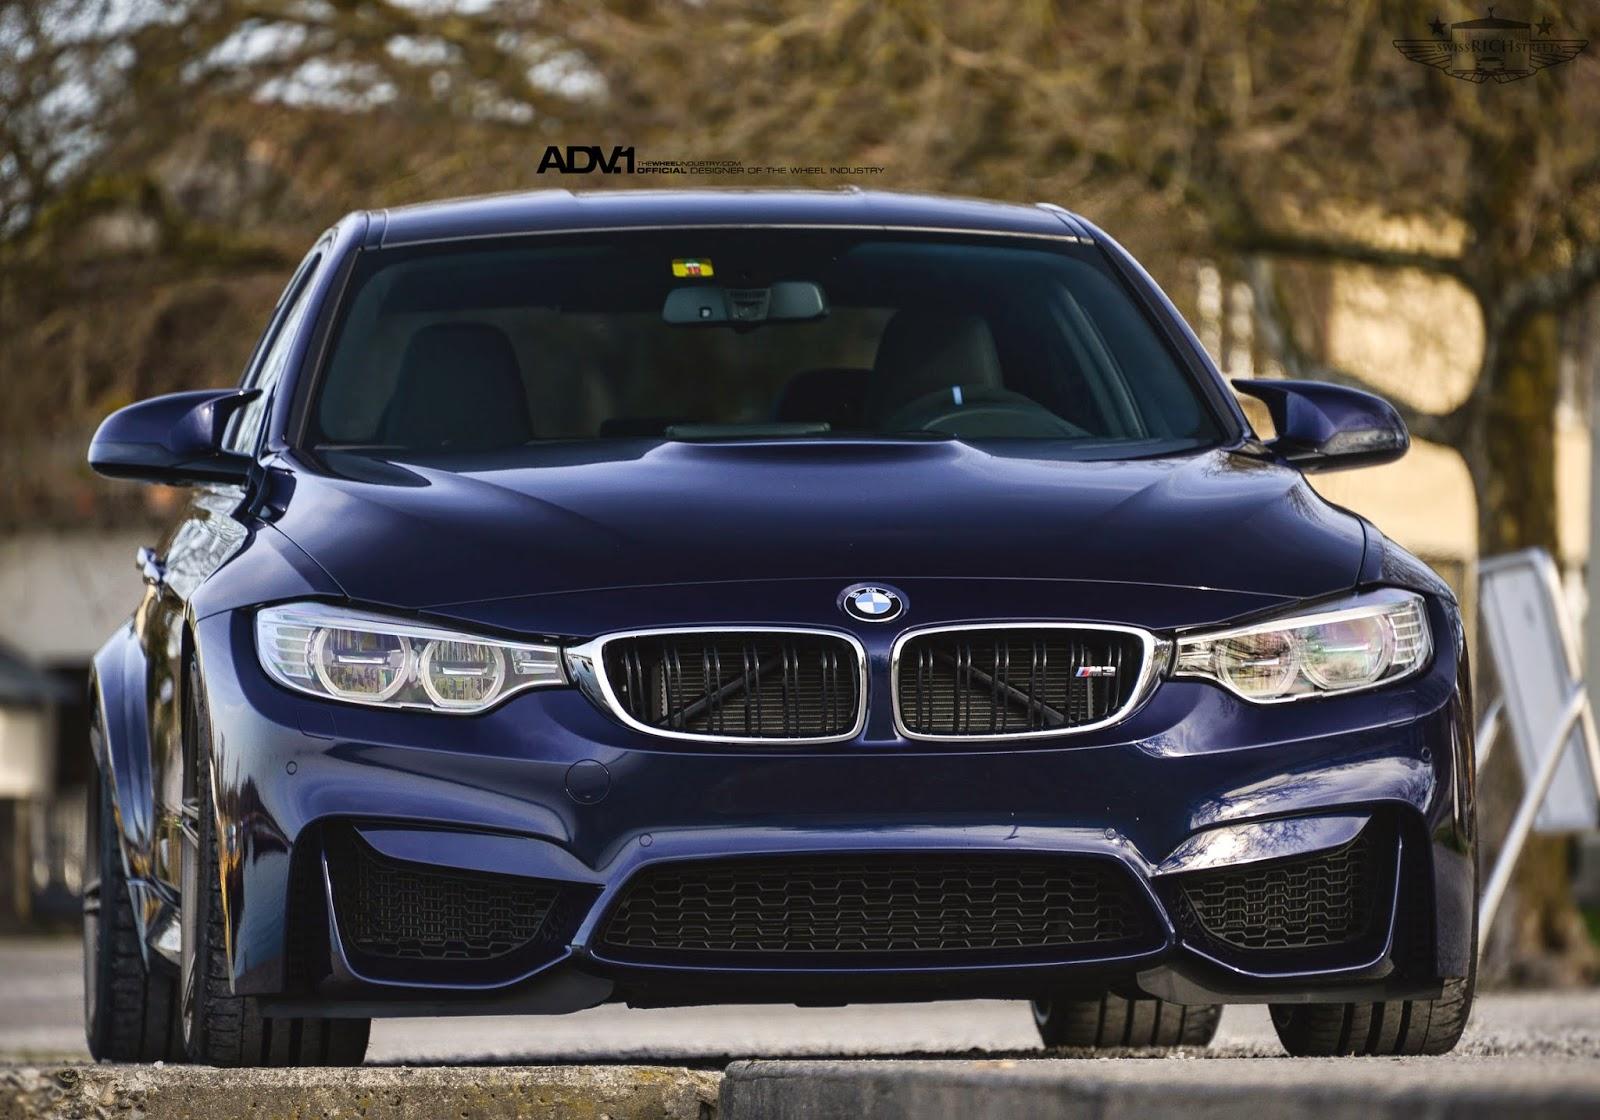 BMW F80 M3 On ADV05 MV2 By ADV.1 Wheels